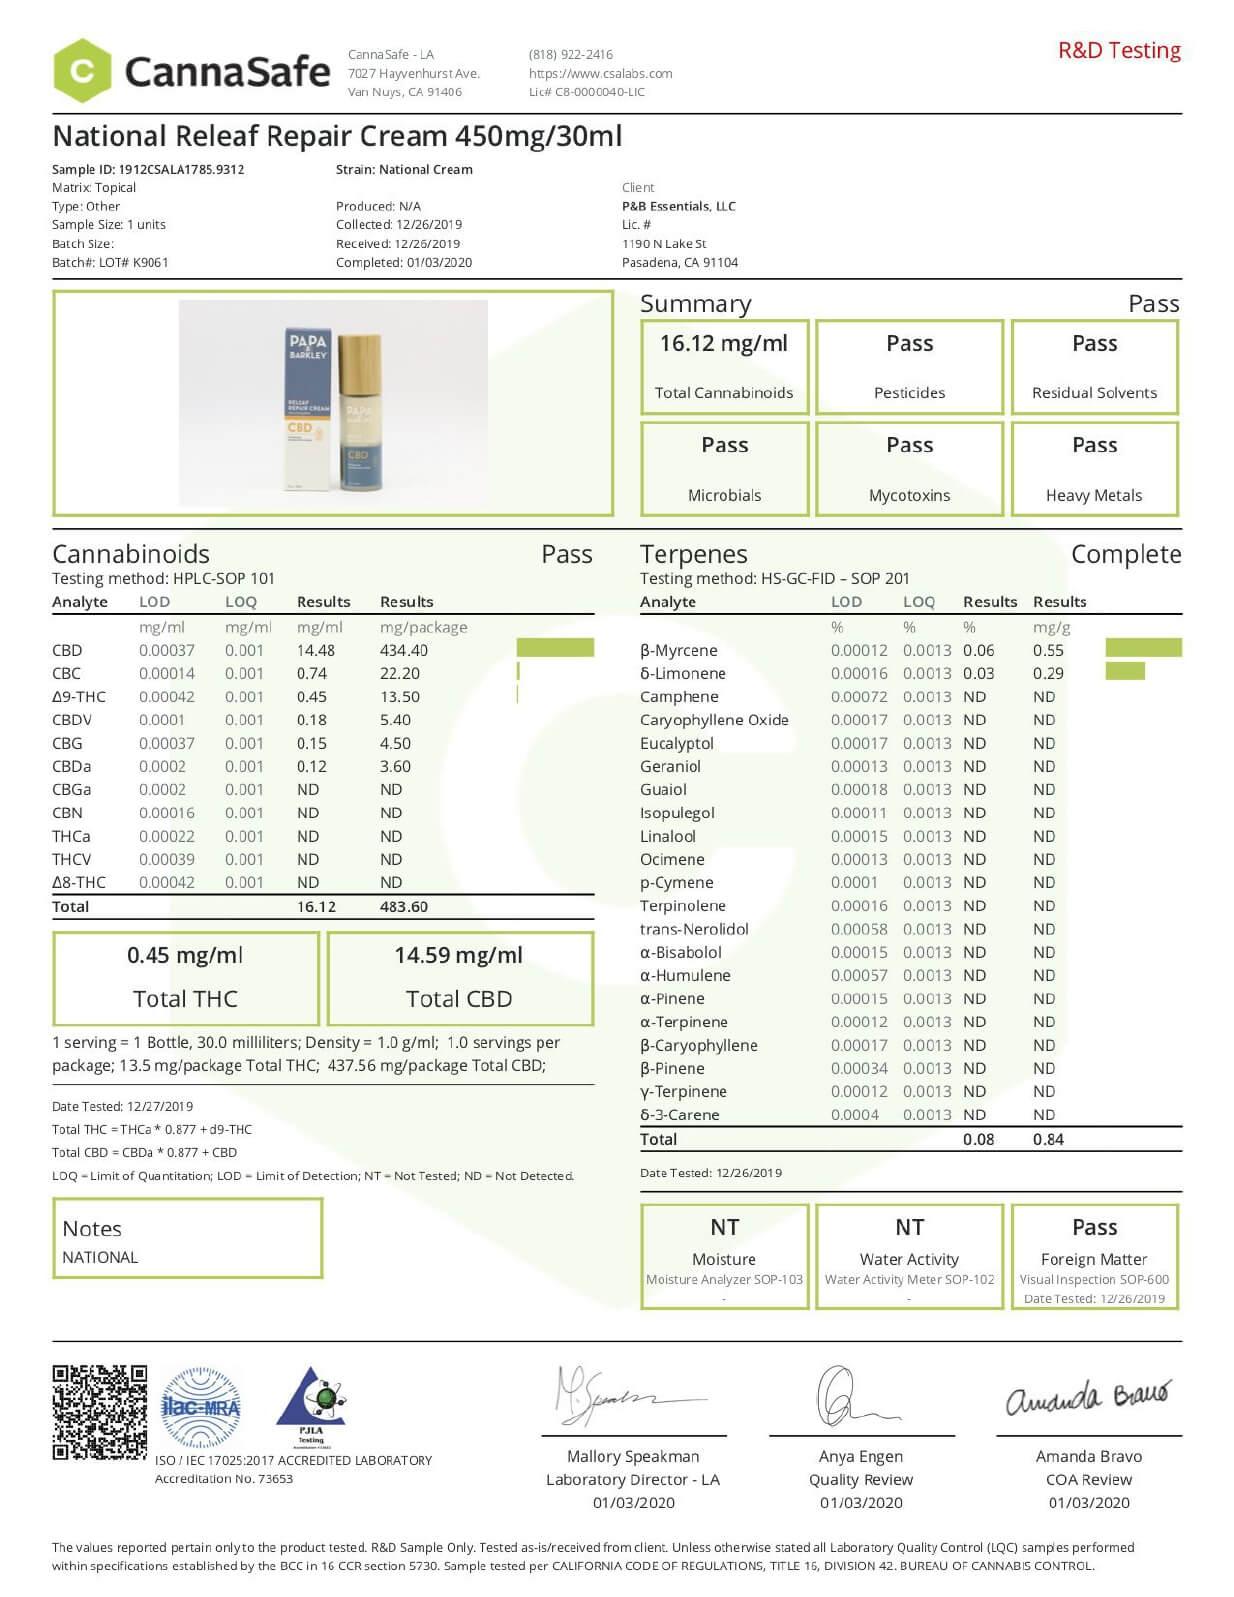 Papa & Barkley CBD Topical Releaf Repair Cream Lab Report